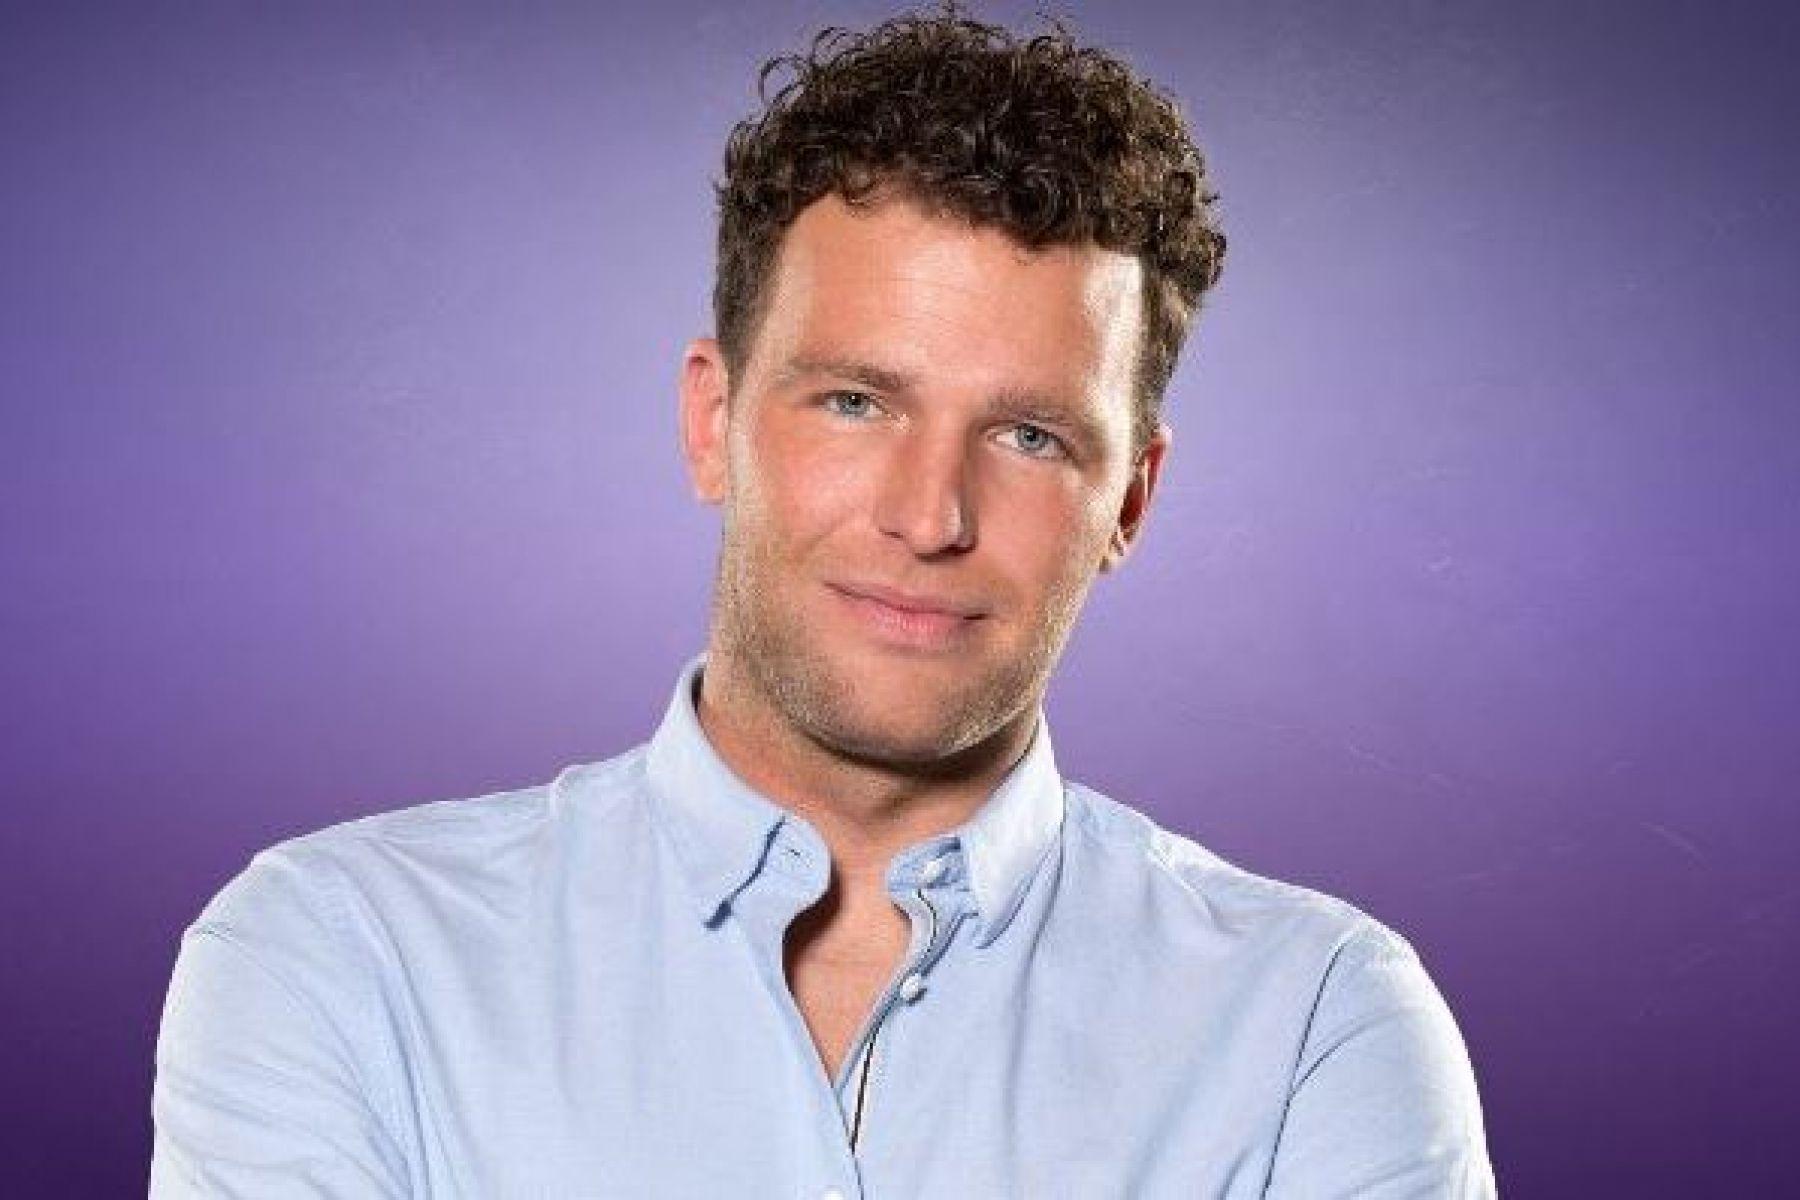 René is de derde afvaller van 'Big Brother'   TVvisie